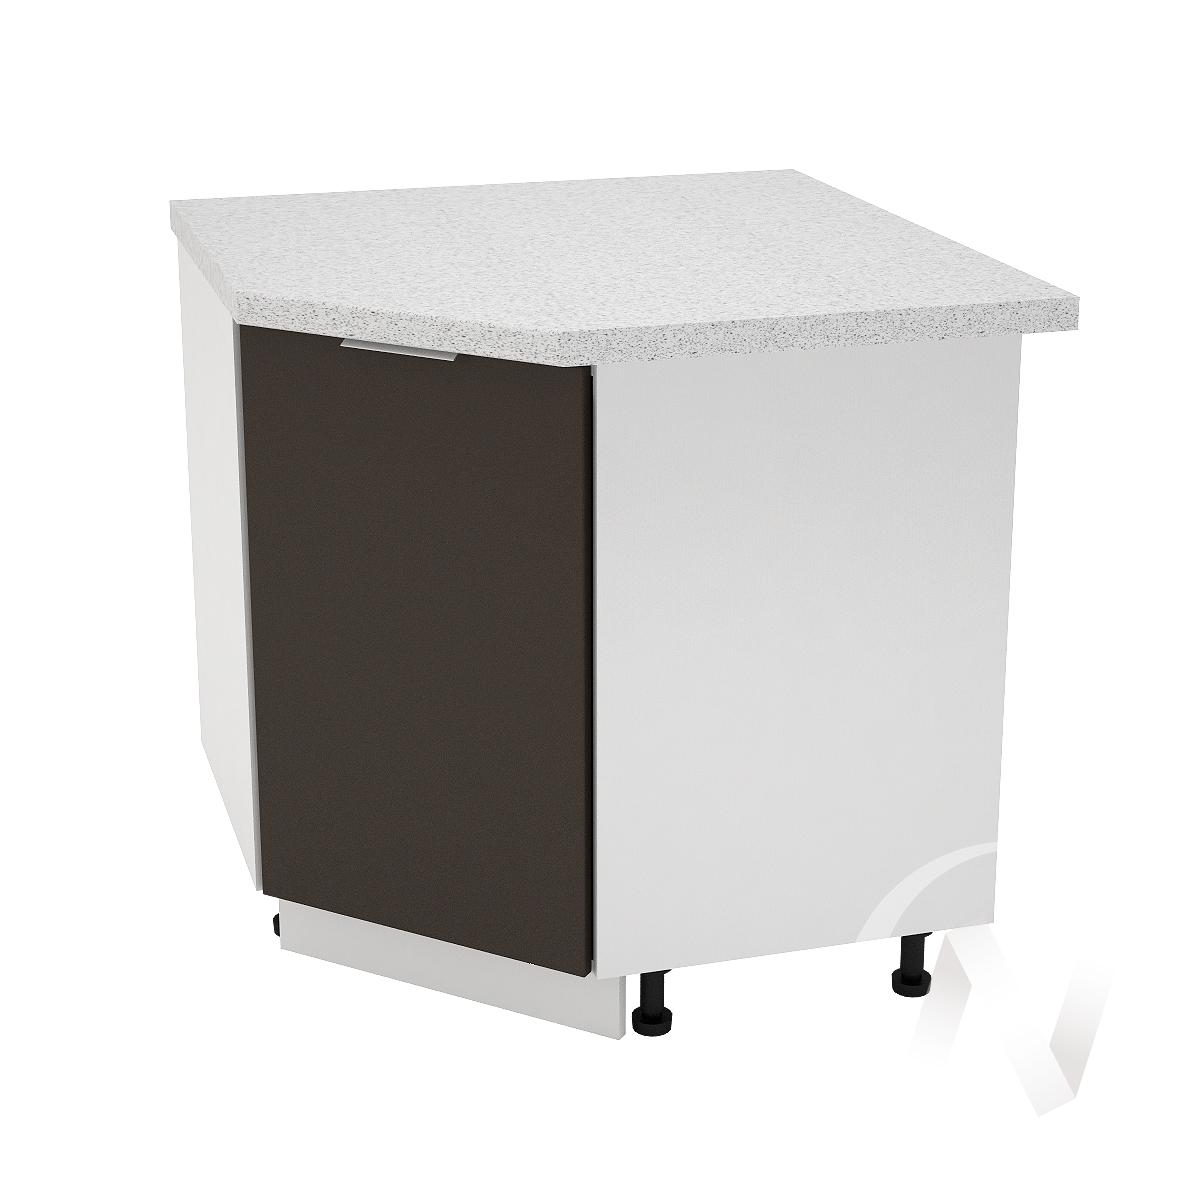 """Кухня """"Терра"""": Шкаф нижний угловой 890, ШНУ 890 (смоки софт/корпус белый)"""